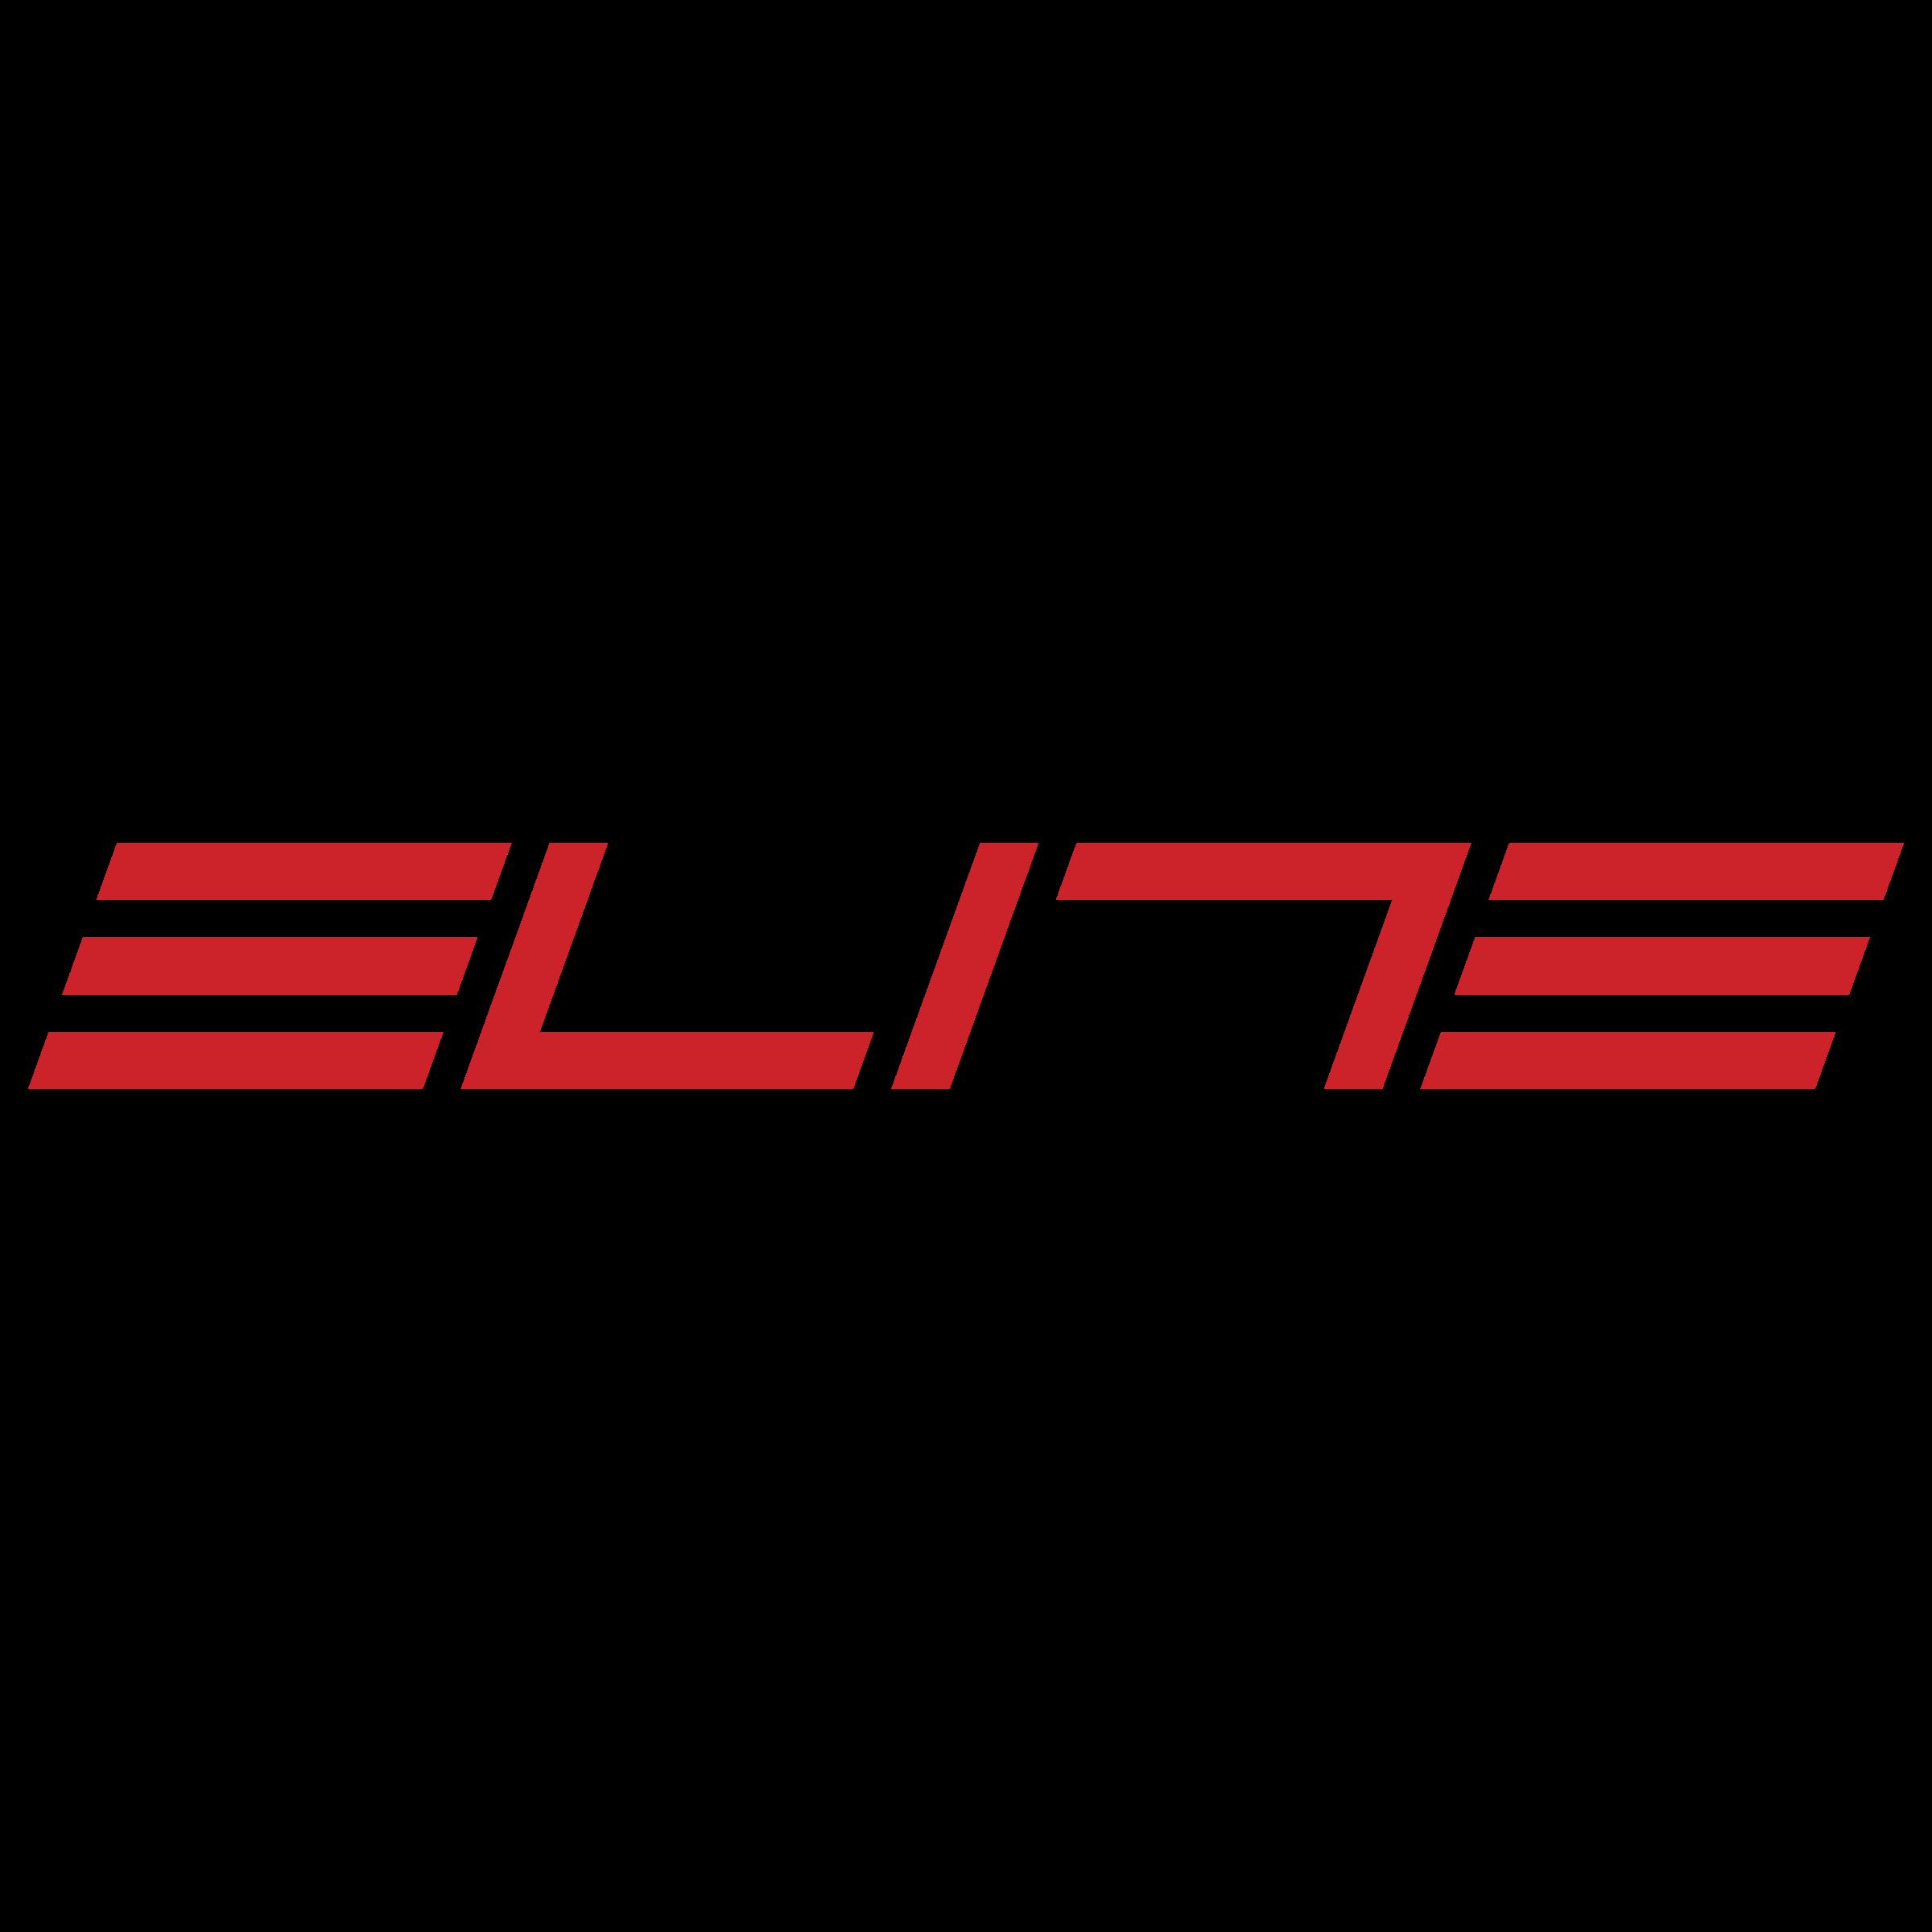 elite 1 logo png transparent 2